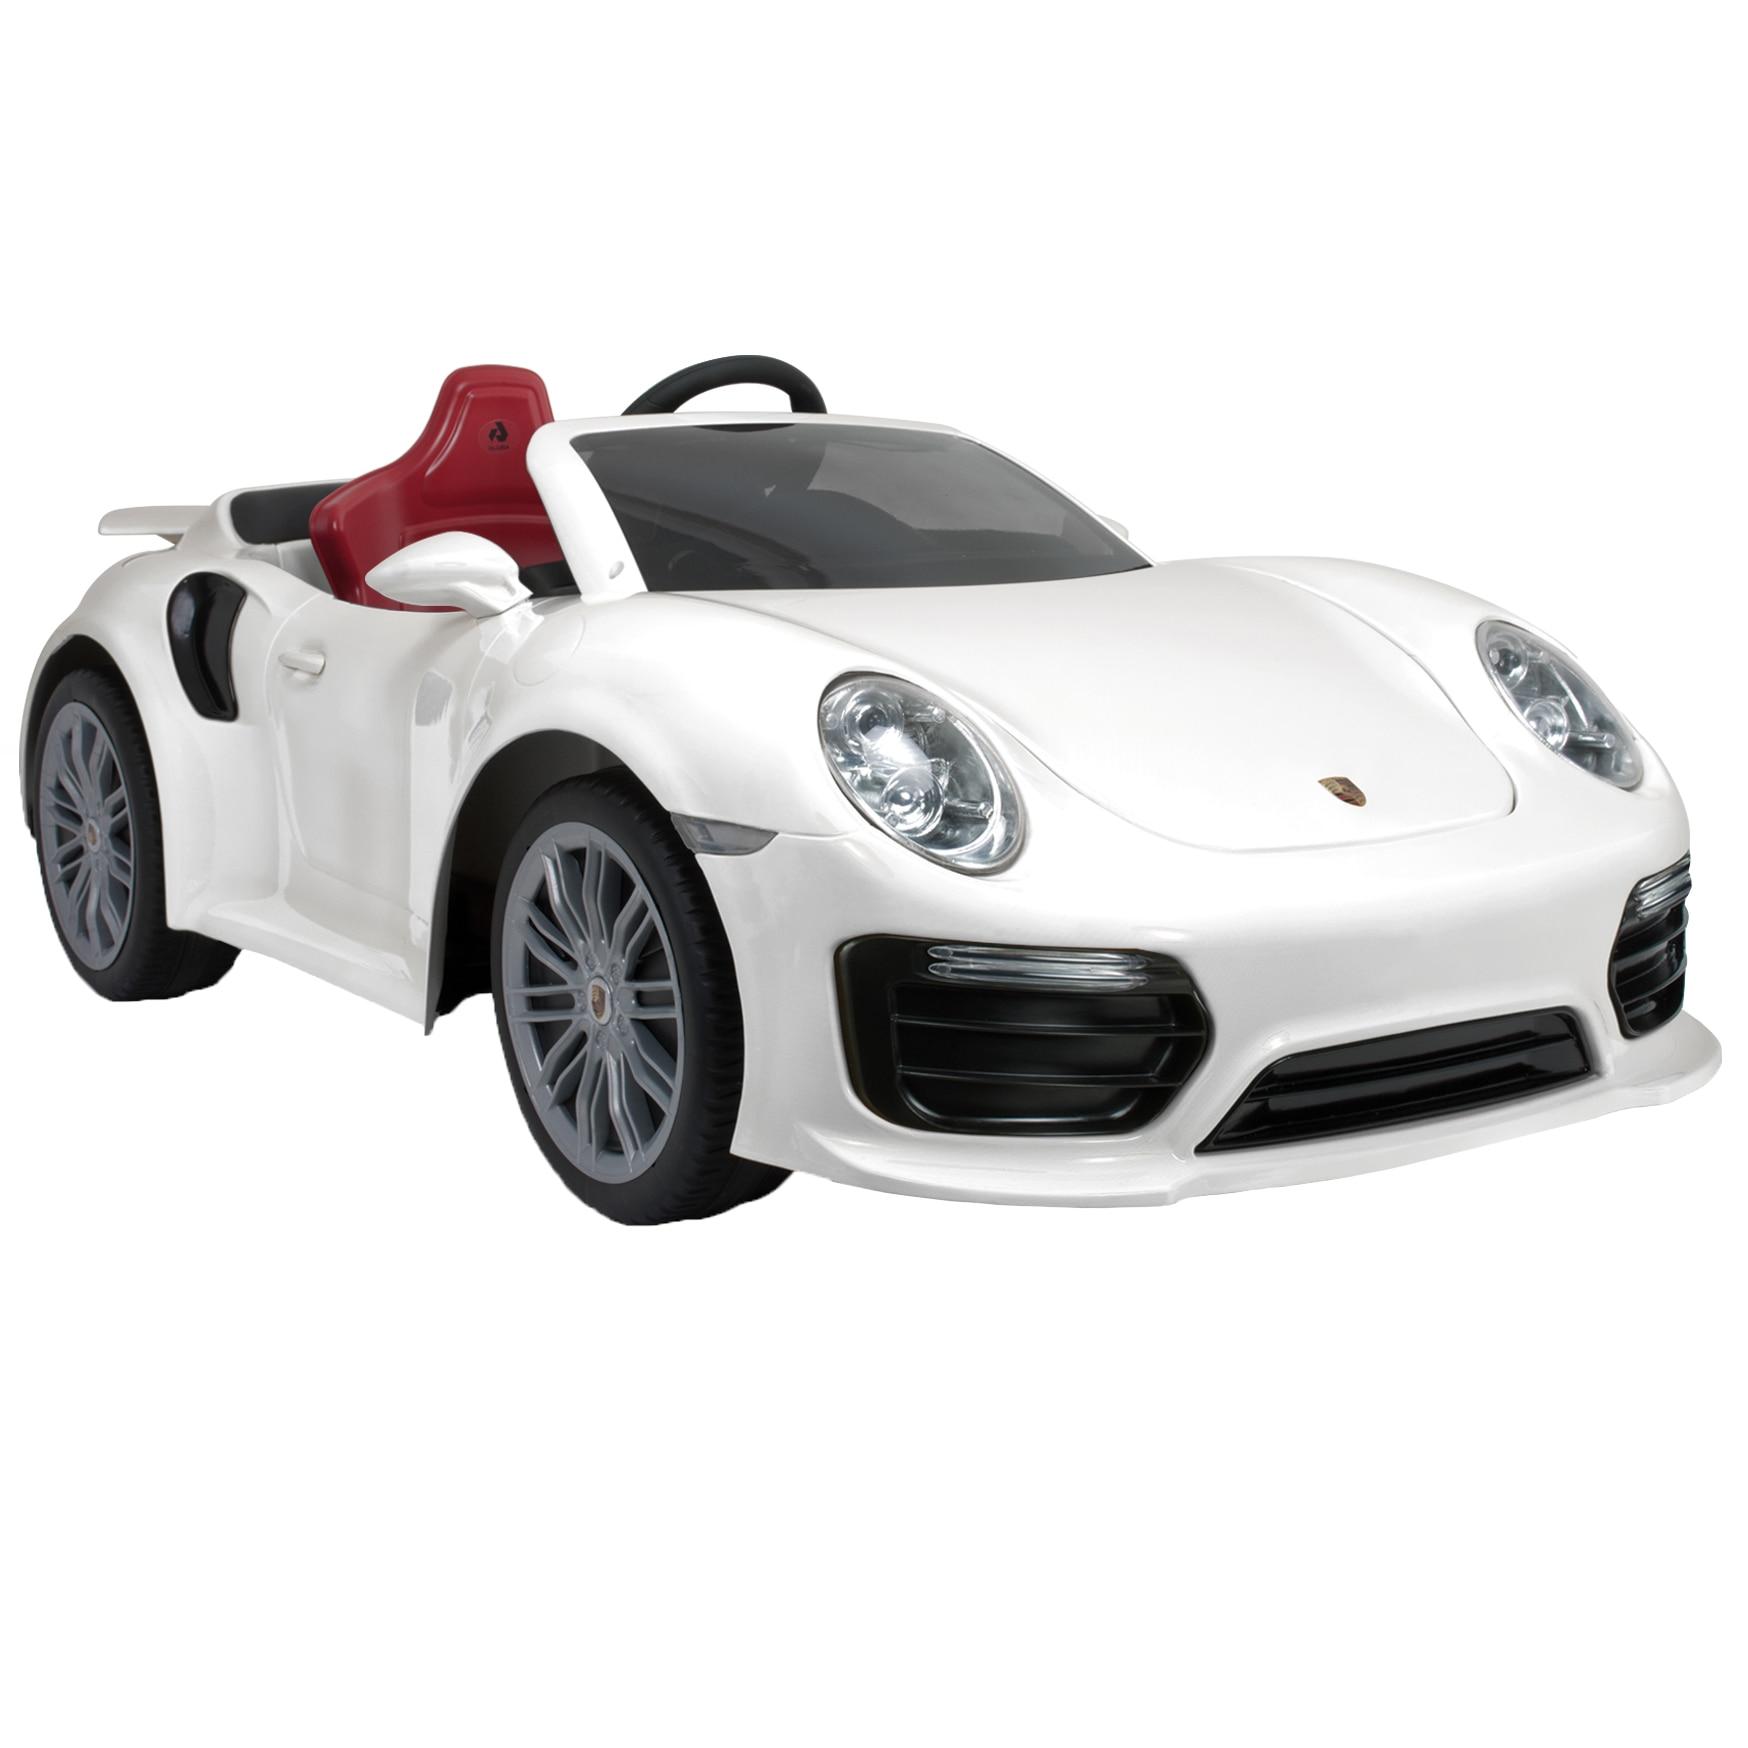 Fotografie Masinuta electrica pentru copii Injusa, 12V - Porsche 911 Turbo S